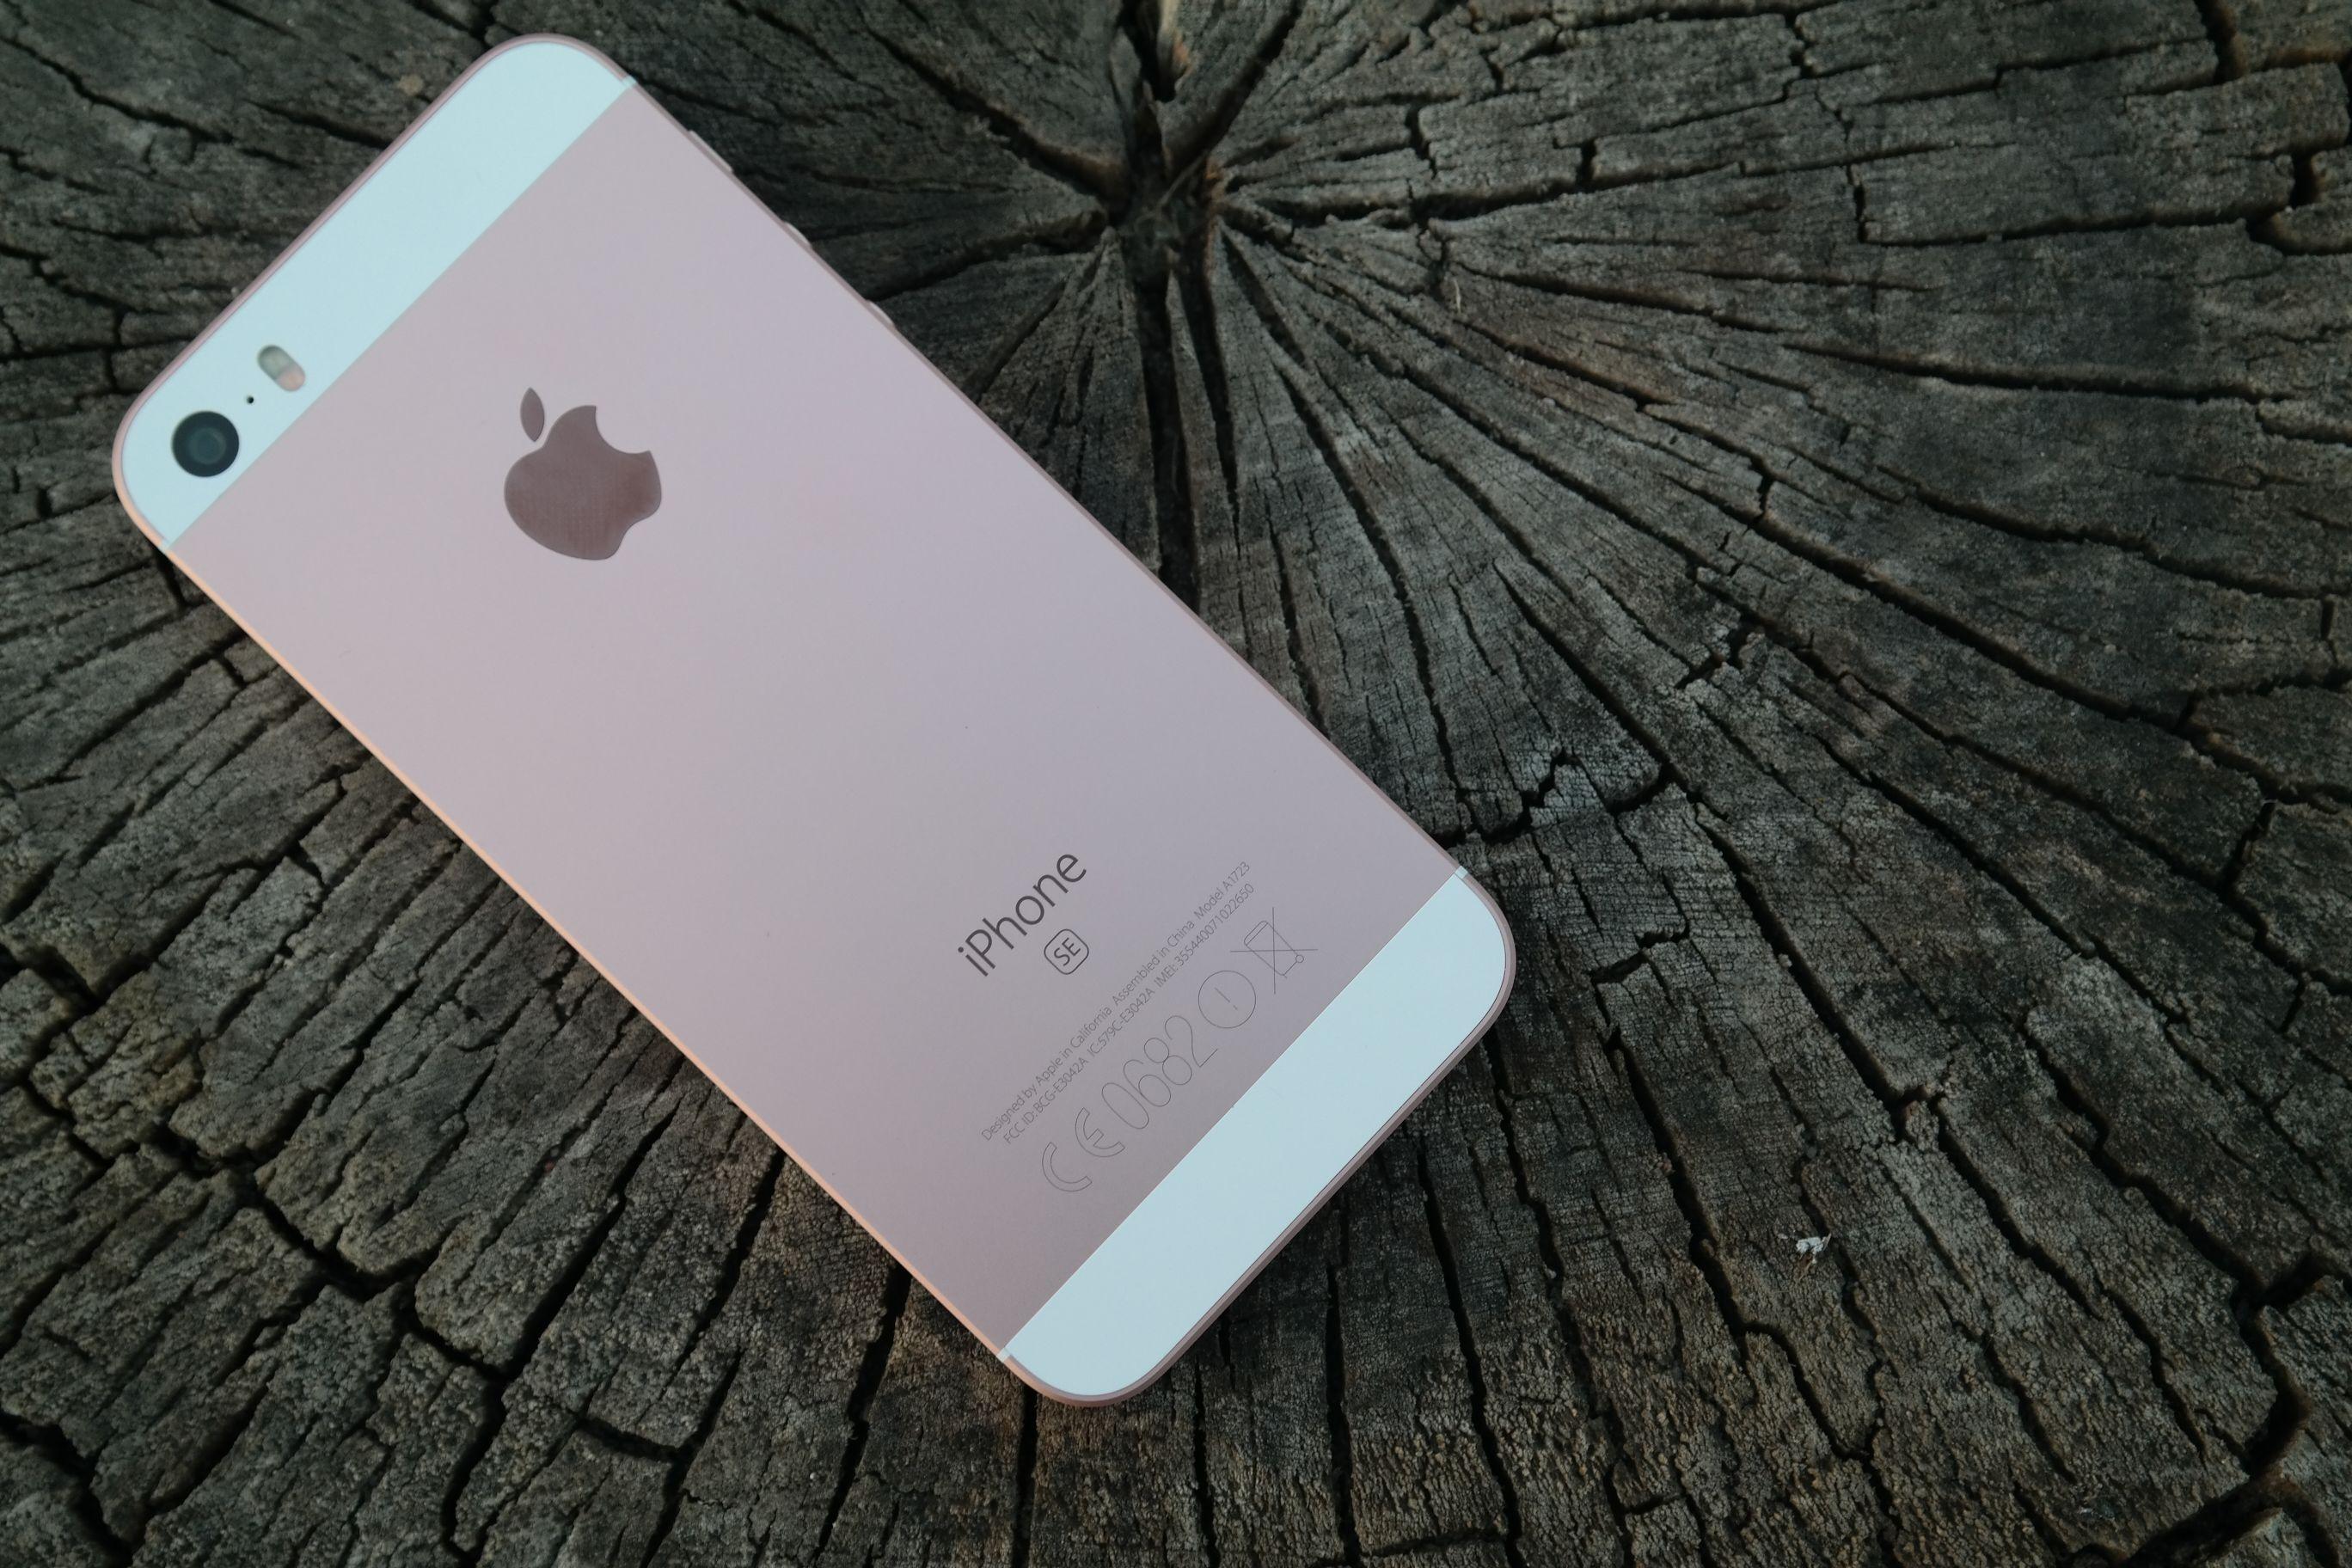 iphone 5s zdjęcia z aparatu